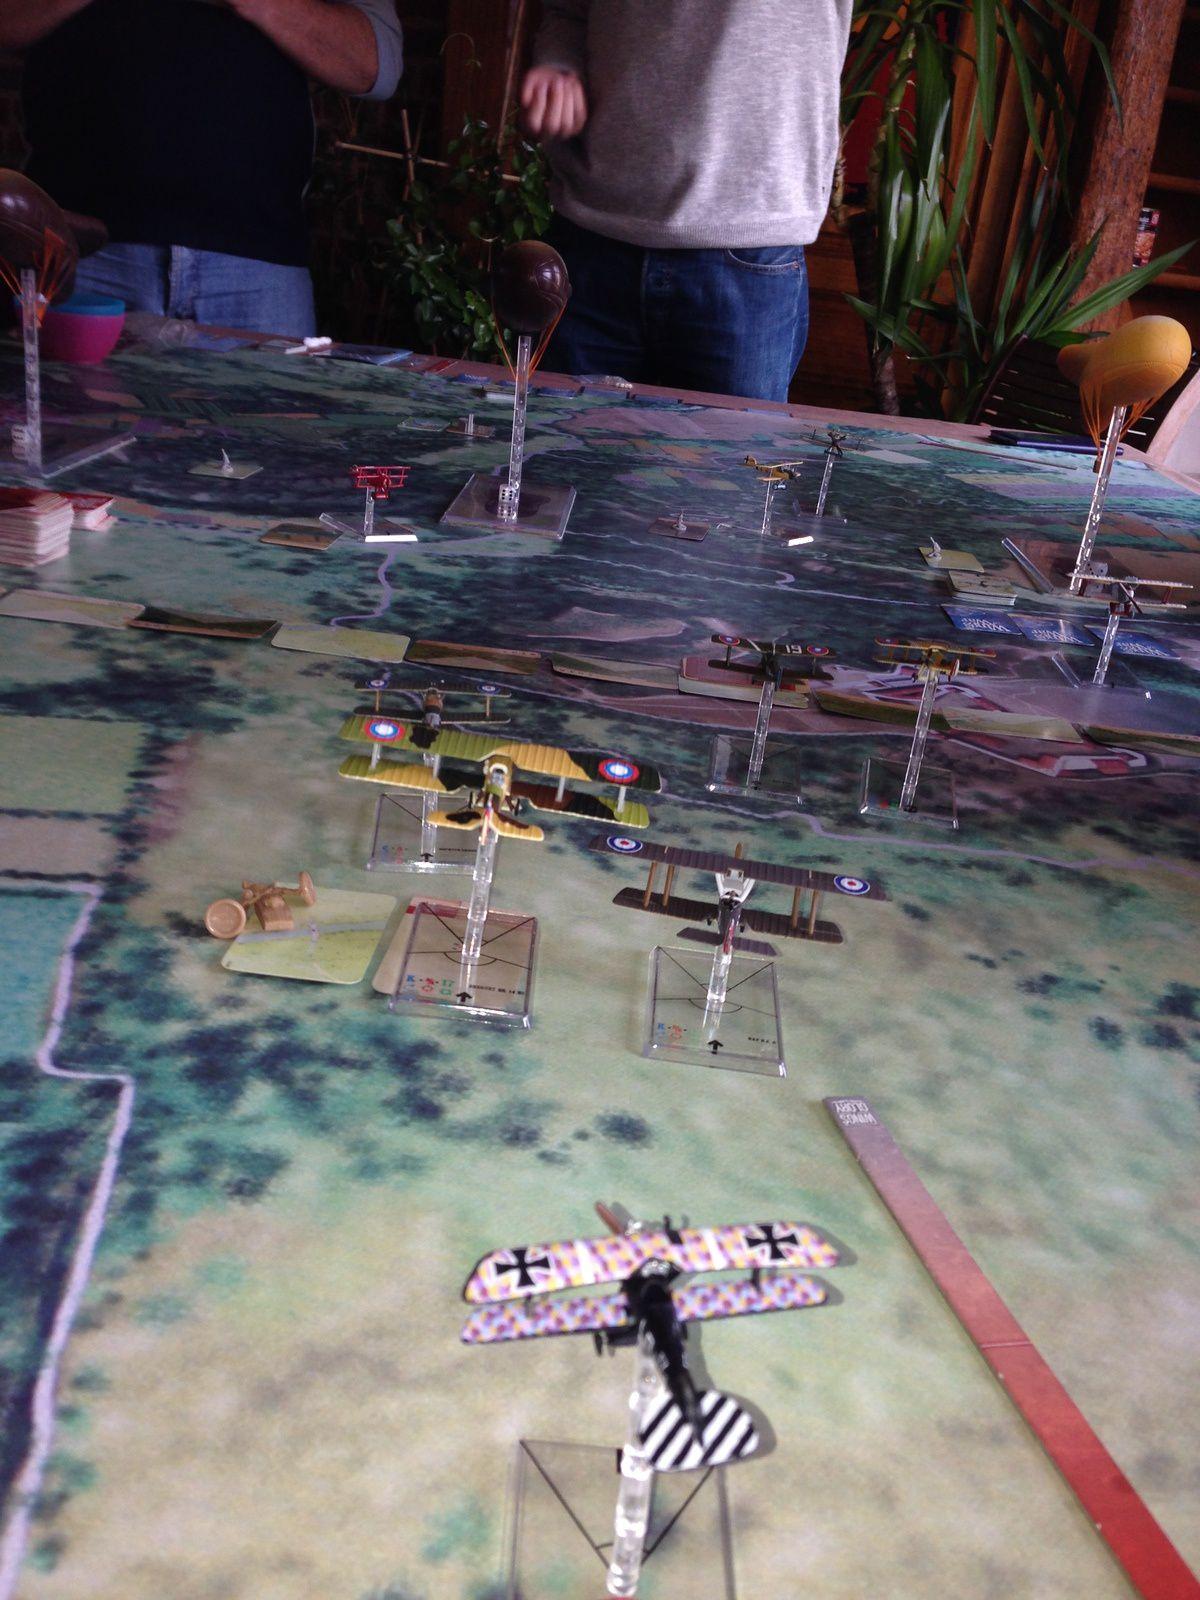 """Apres la chasse au Dahu, la chasse au Gotha est lancée ! Il faut dire que très rapidement un des escorteurs explose en plein vol après un dégâts """"explosion"""". Un des escorteurs s'est positionné dans les six heures des Alliés."""